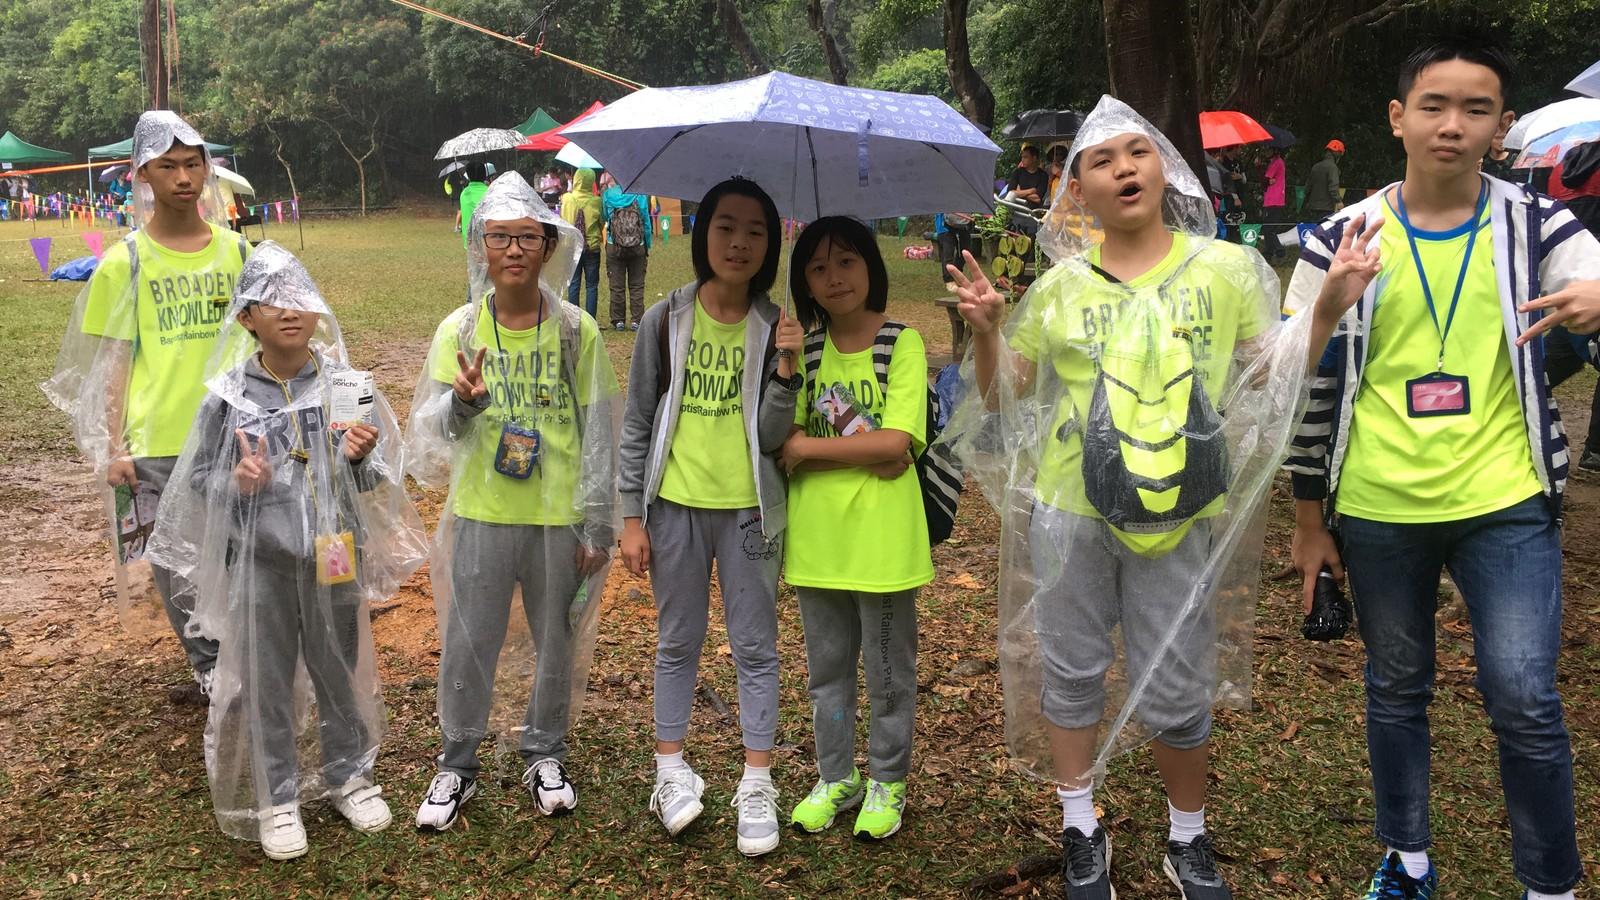 Dreamstarter F3組及E27組同學冒大雨到城門郊野公園參加「識樹遊藝日」